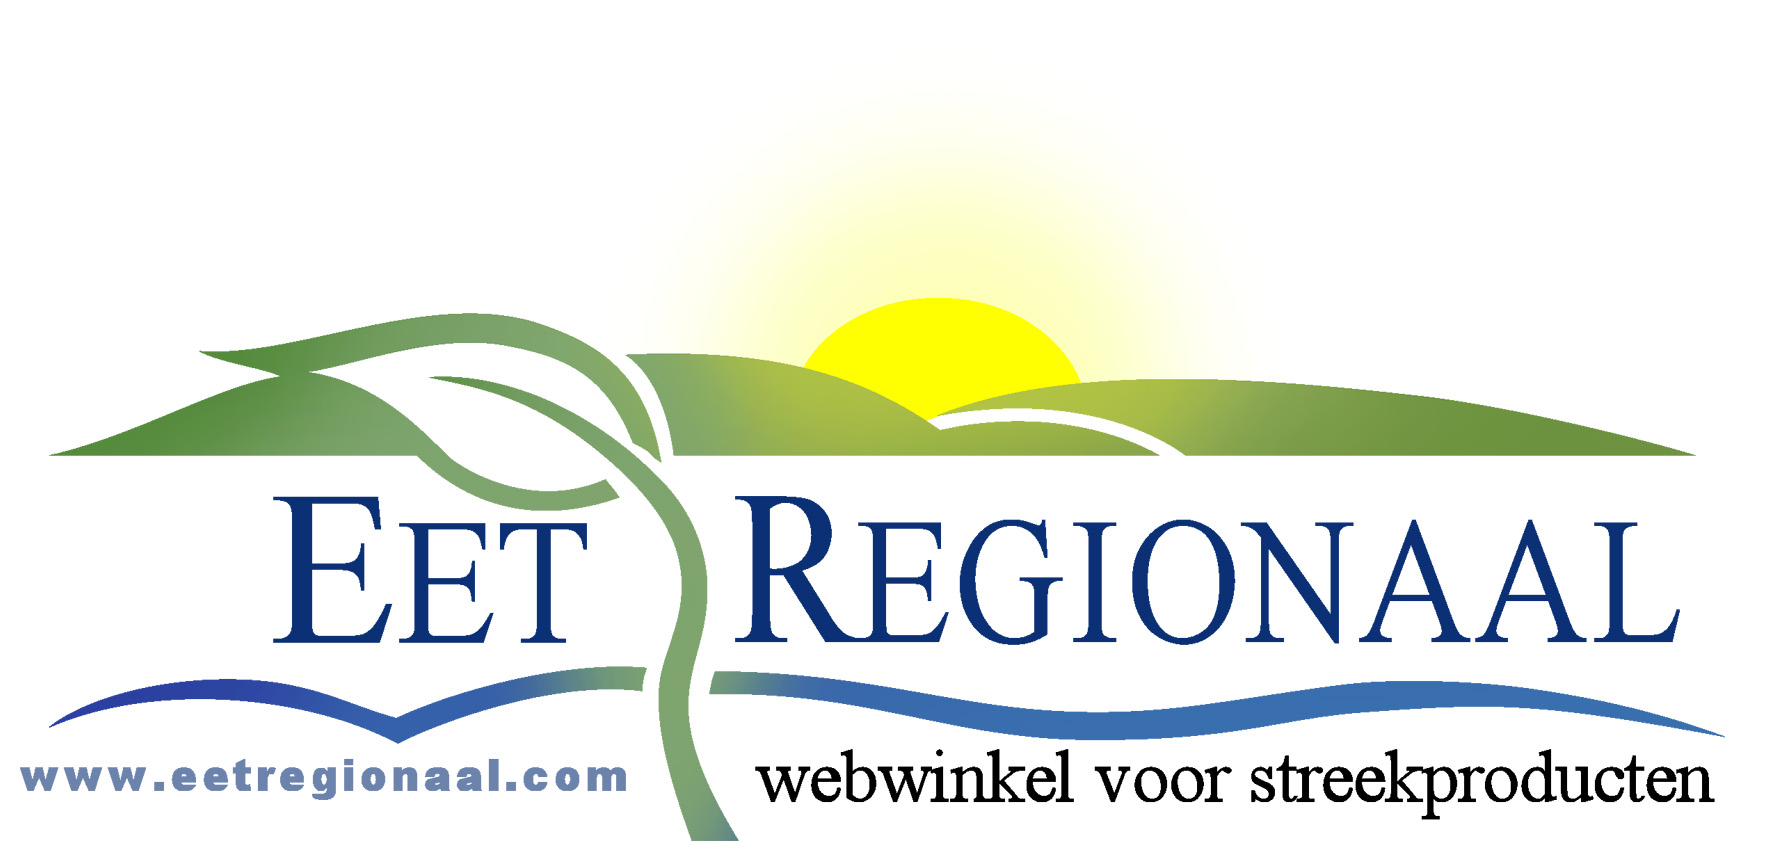 Eet Regionaal streekproducten webwinkel